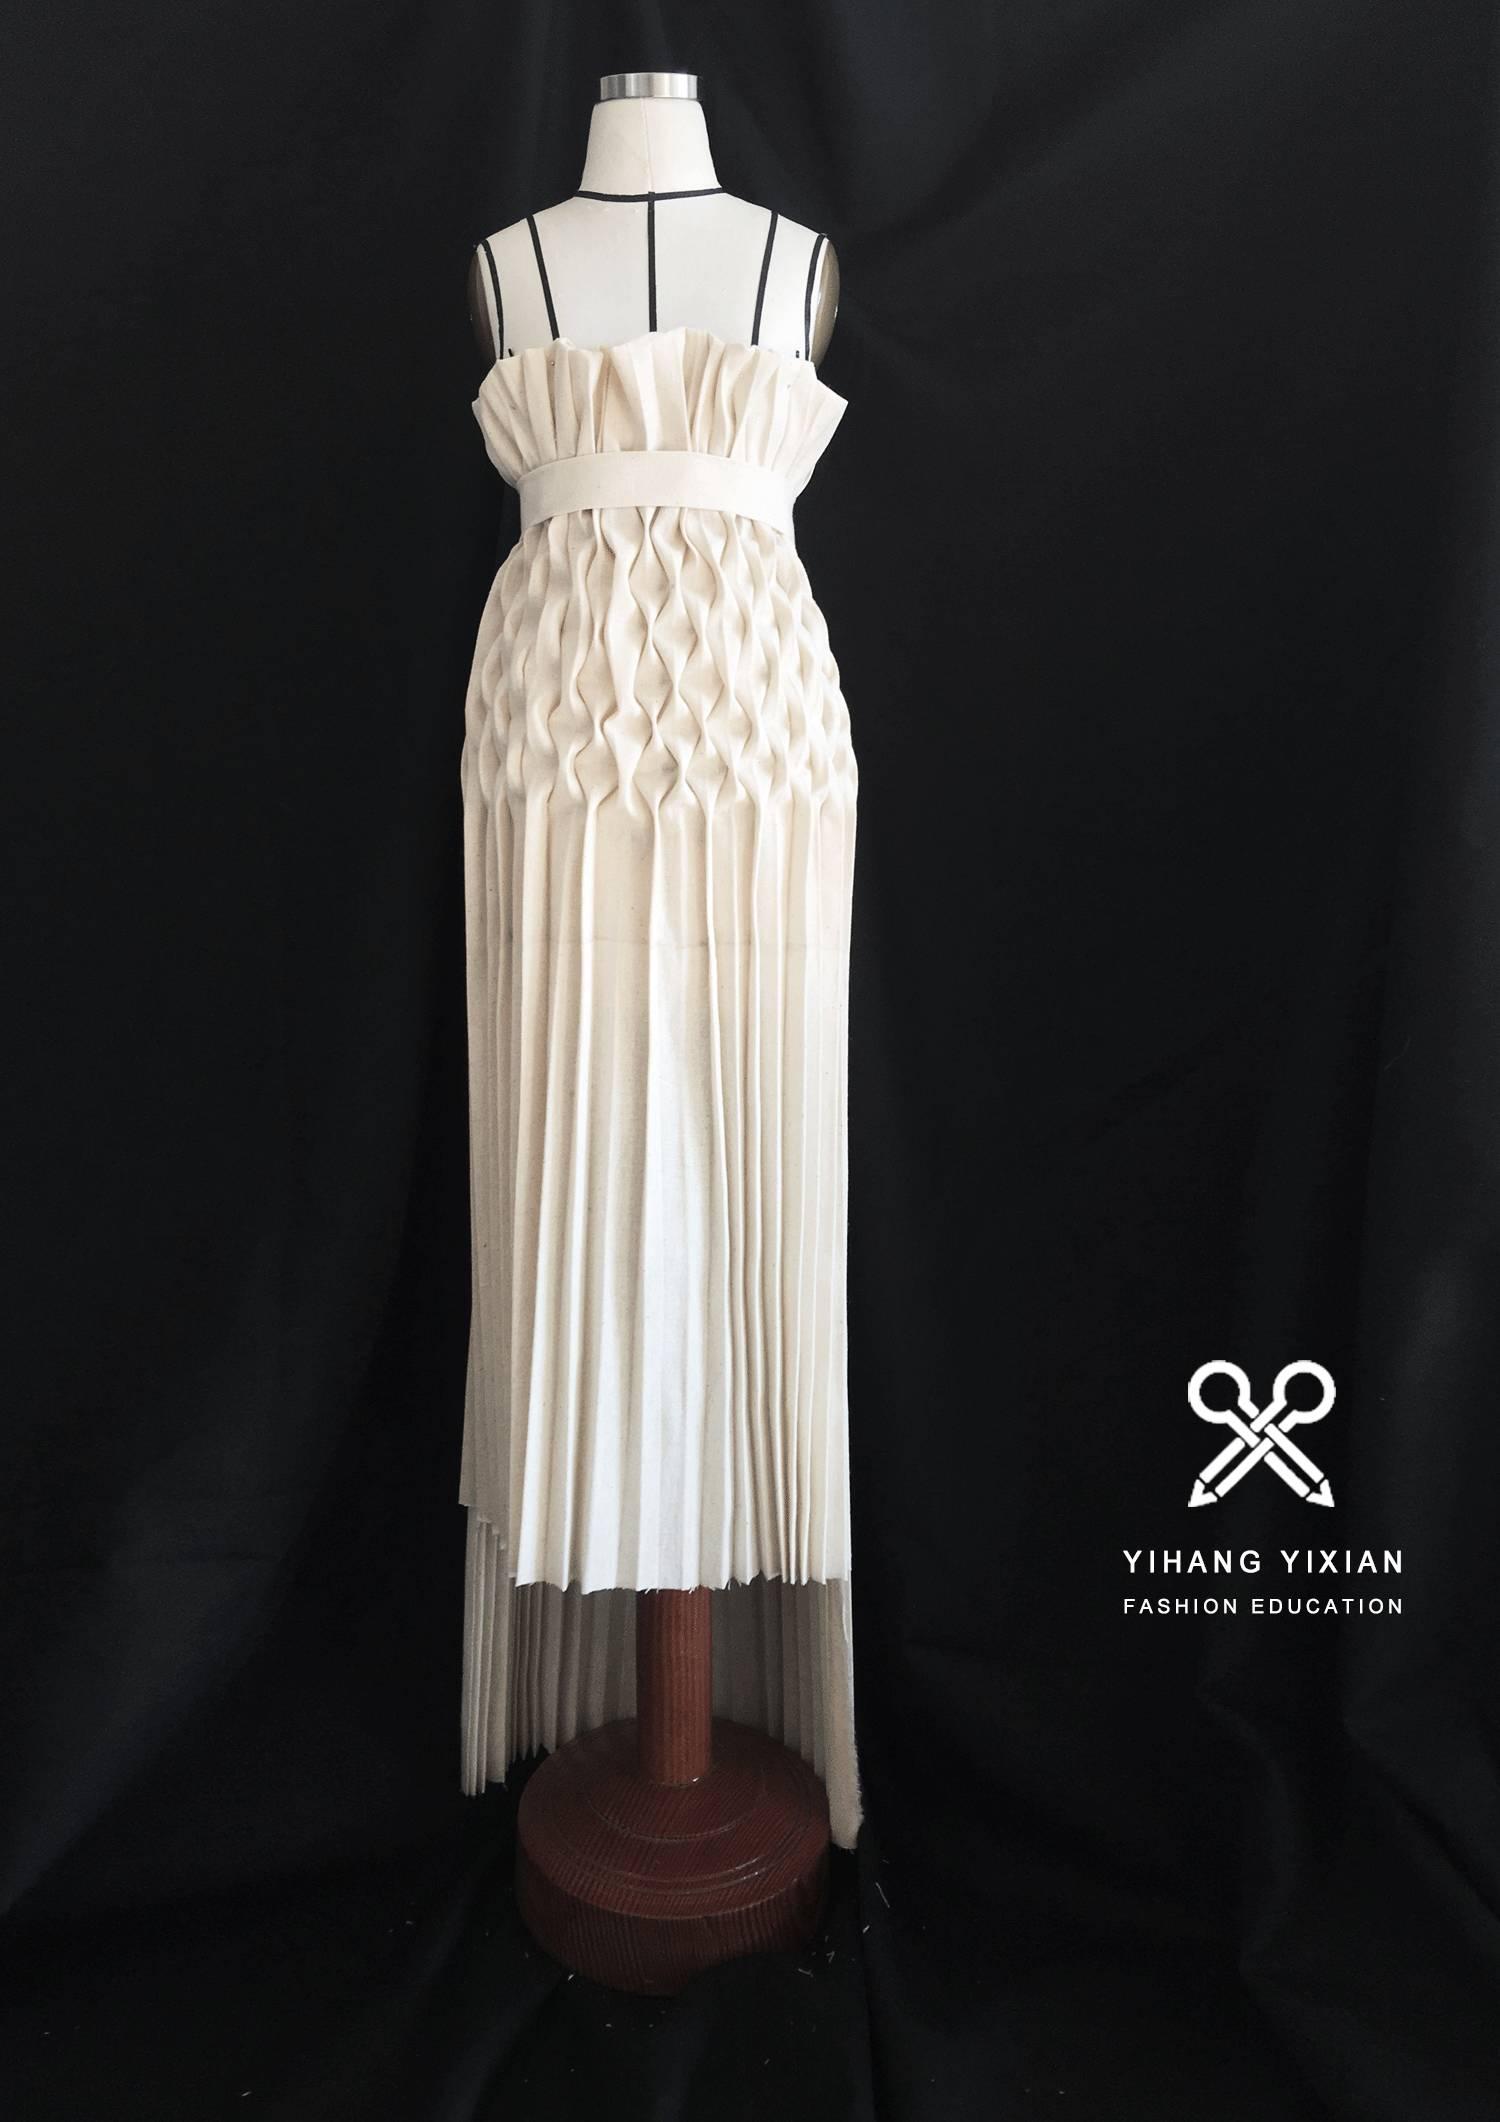 这个选择让你重新认识服装设计这个专业!